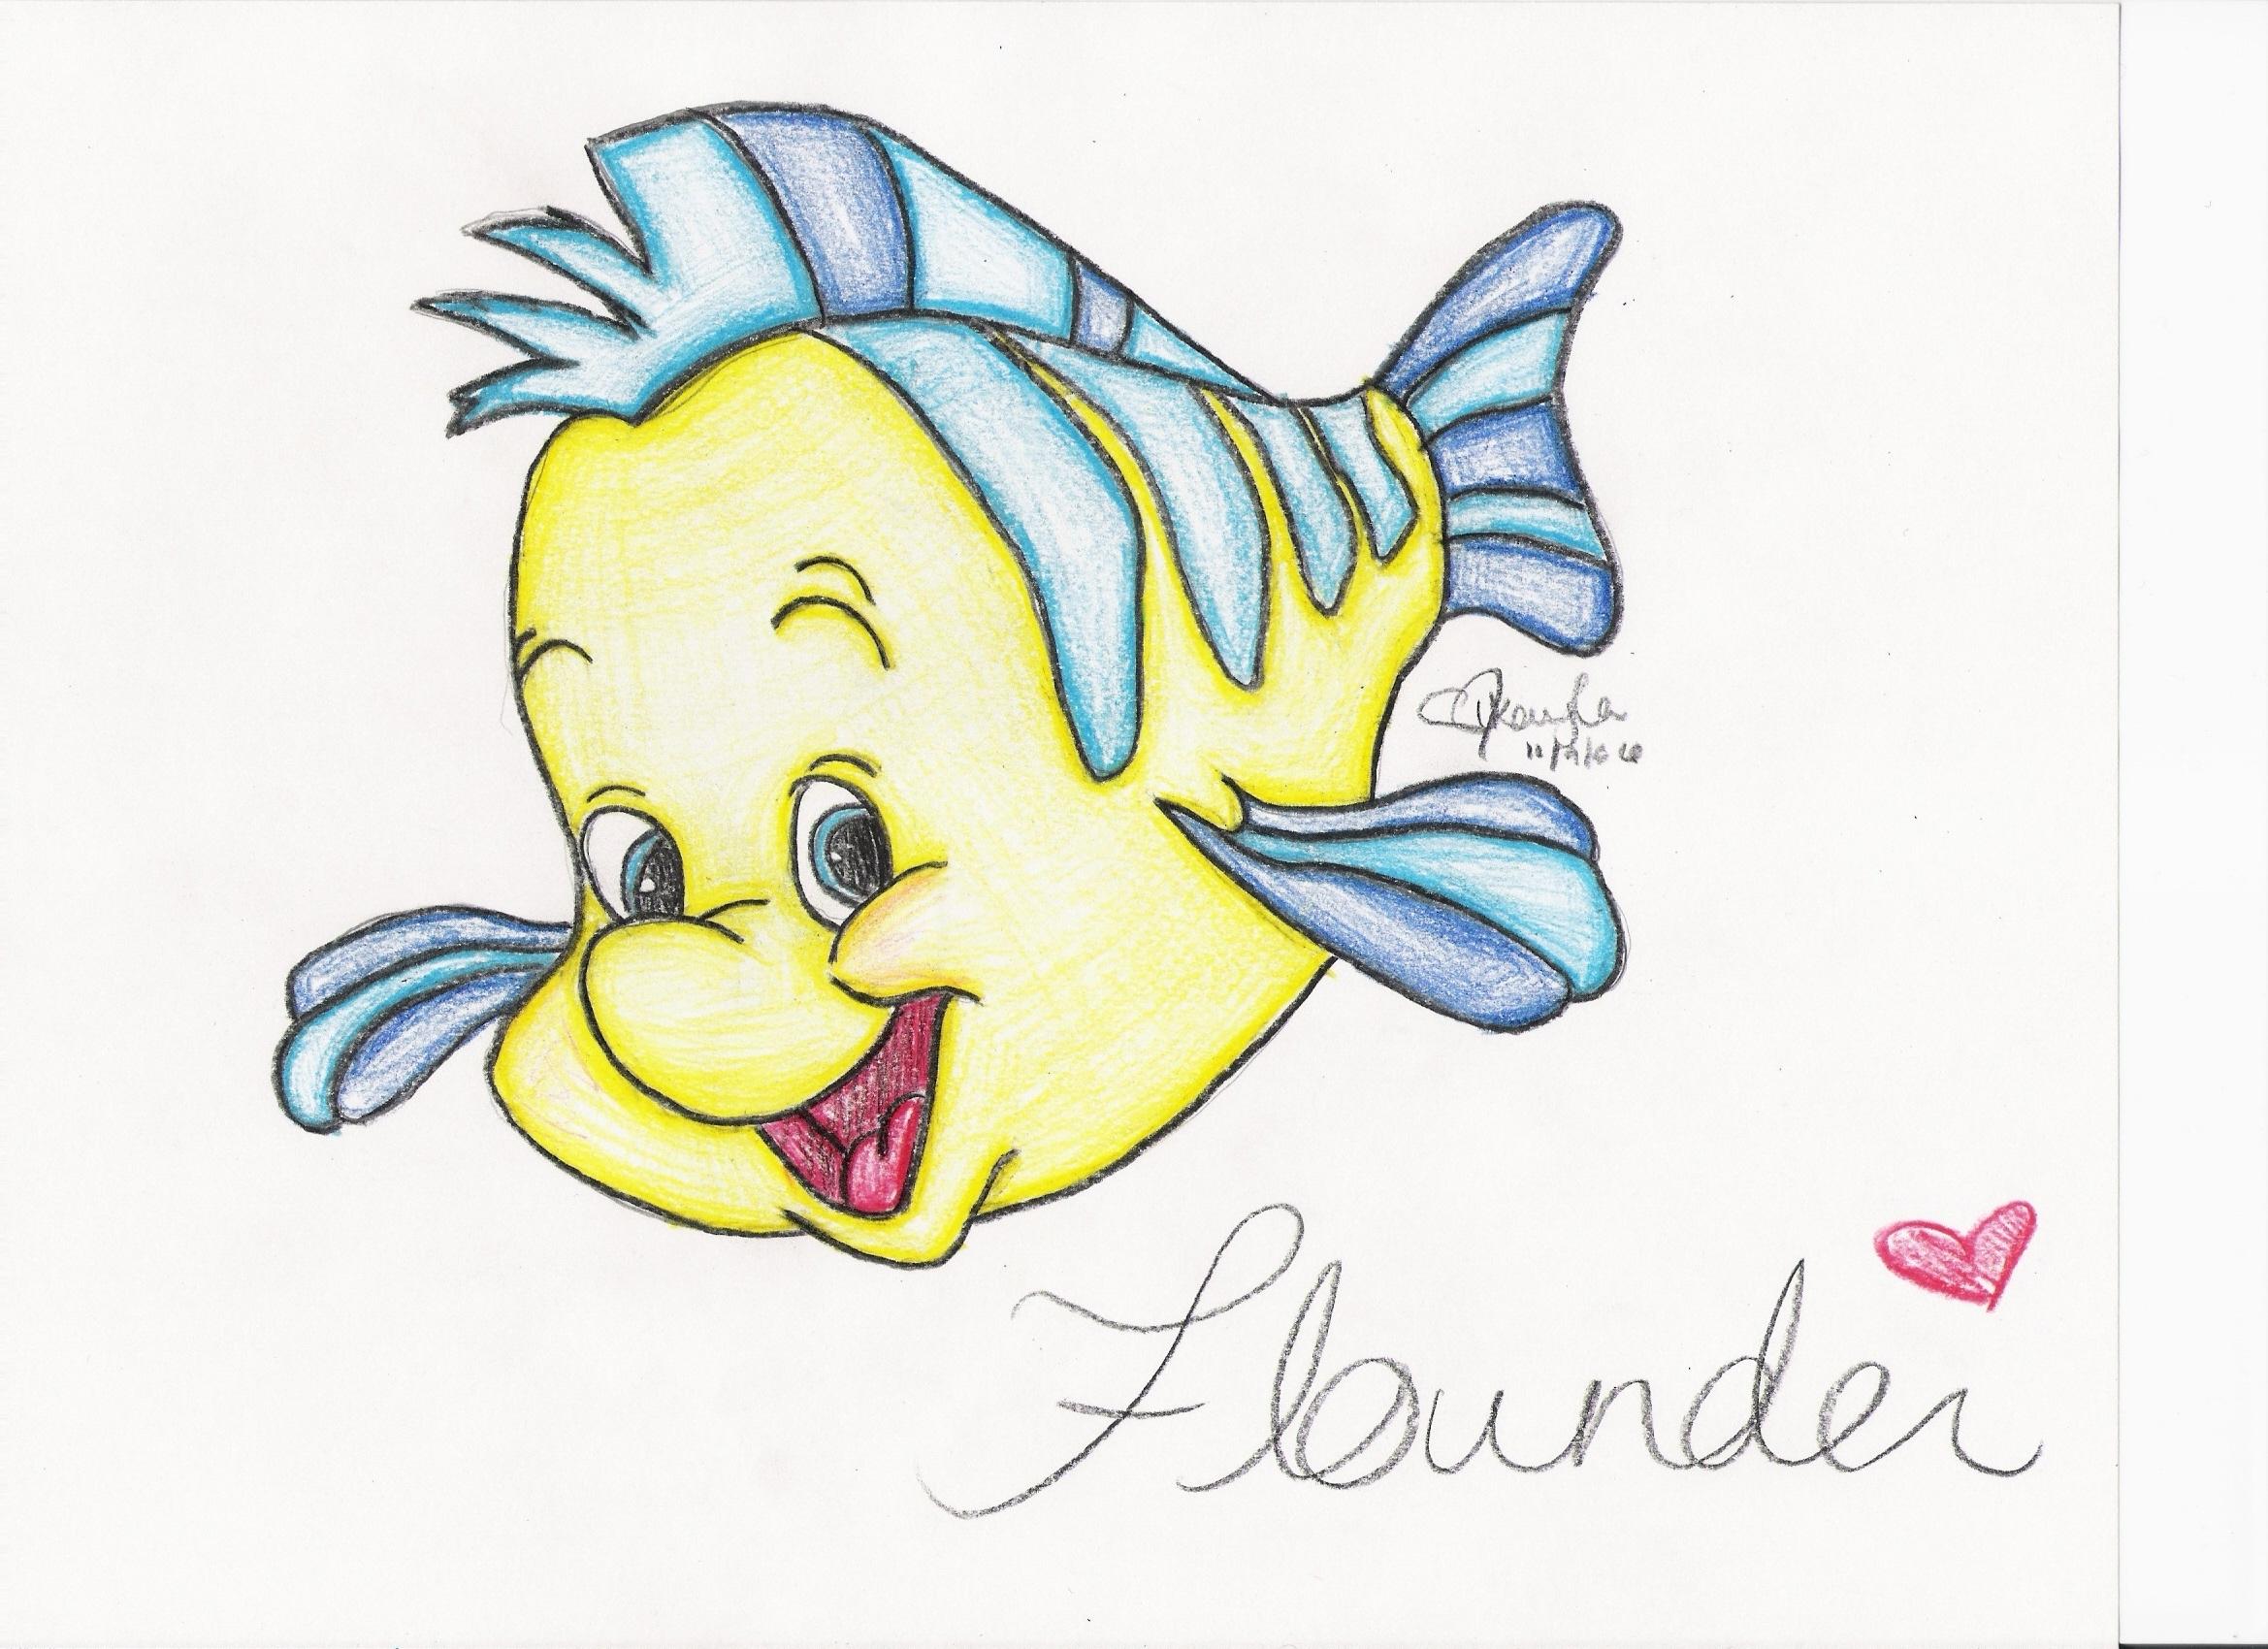 2338x1700 Flounder Mrs.starbucks